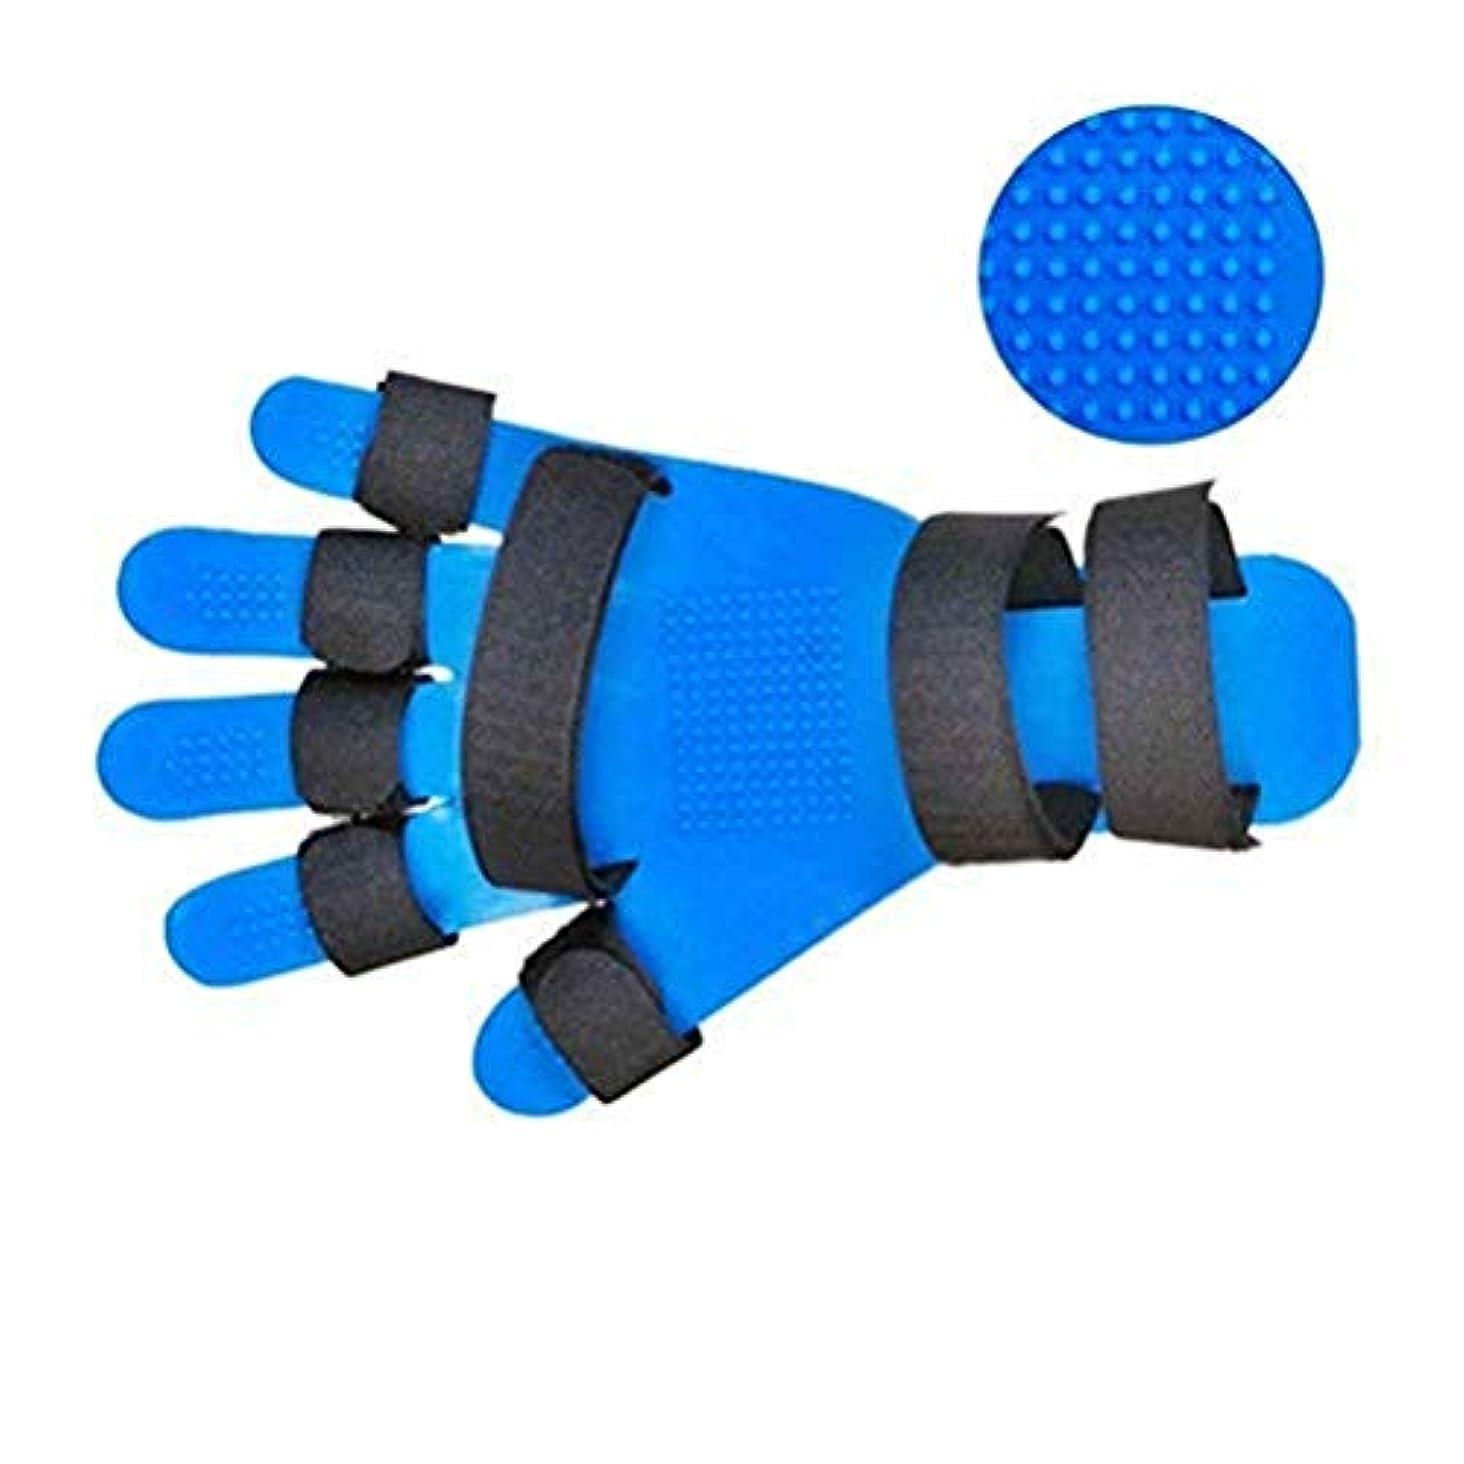 ブレンド幹においフィンガースプリントフィンガー拡張スプリント、指の骨折、傷、手首のトレーニング装具のために指セパレーターインソール